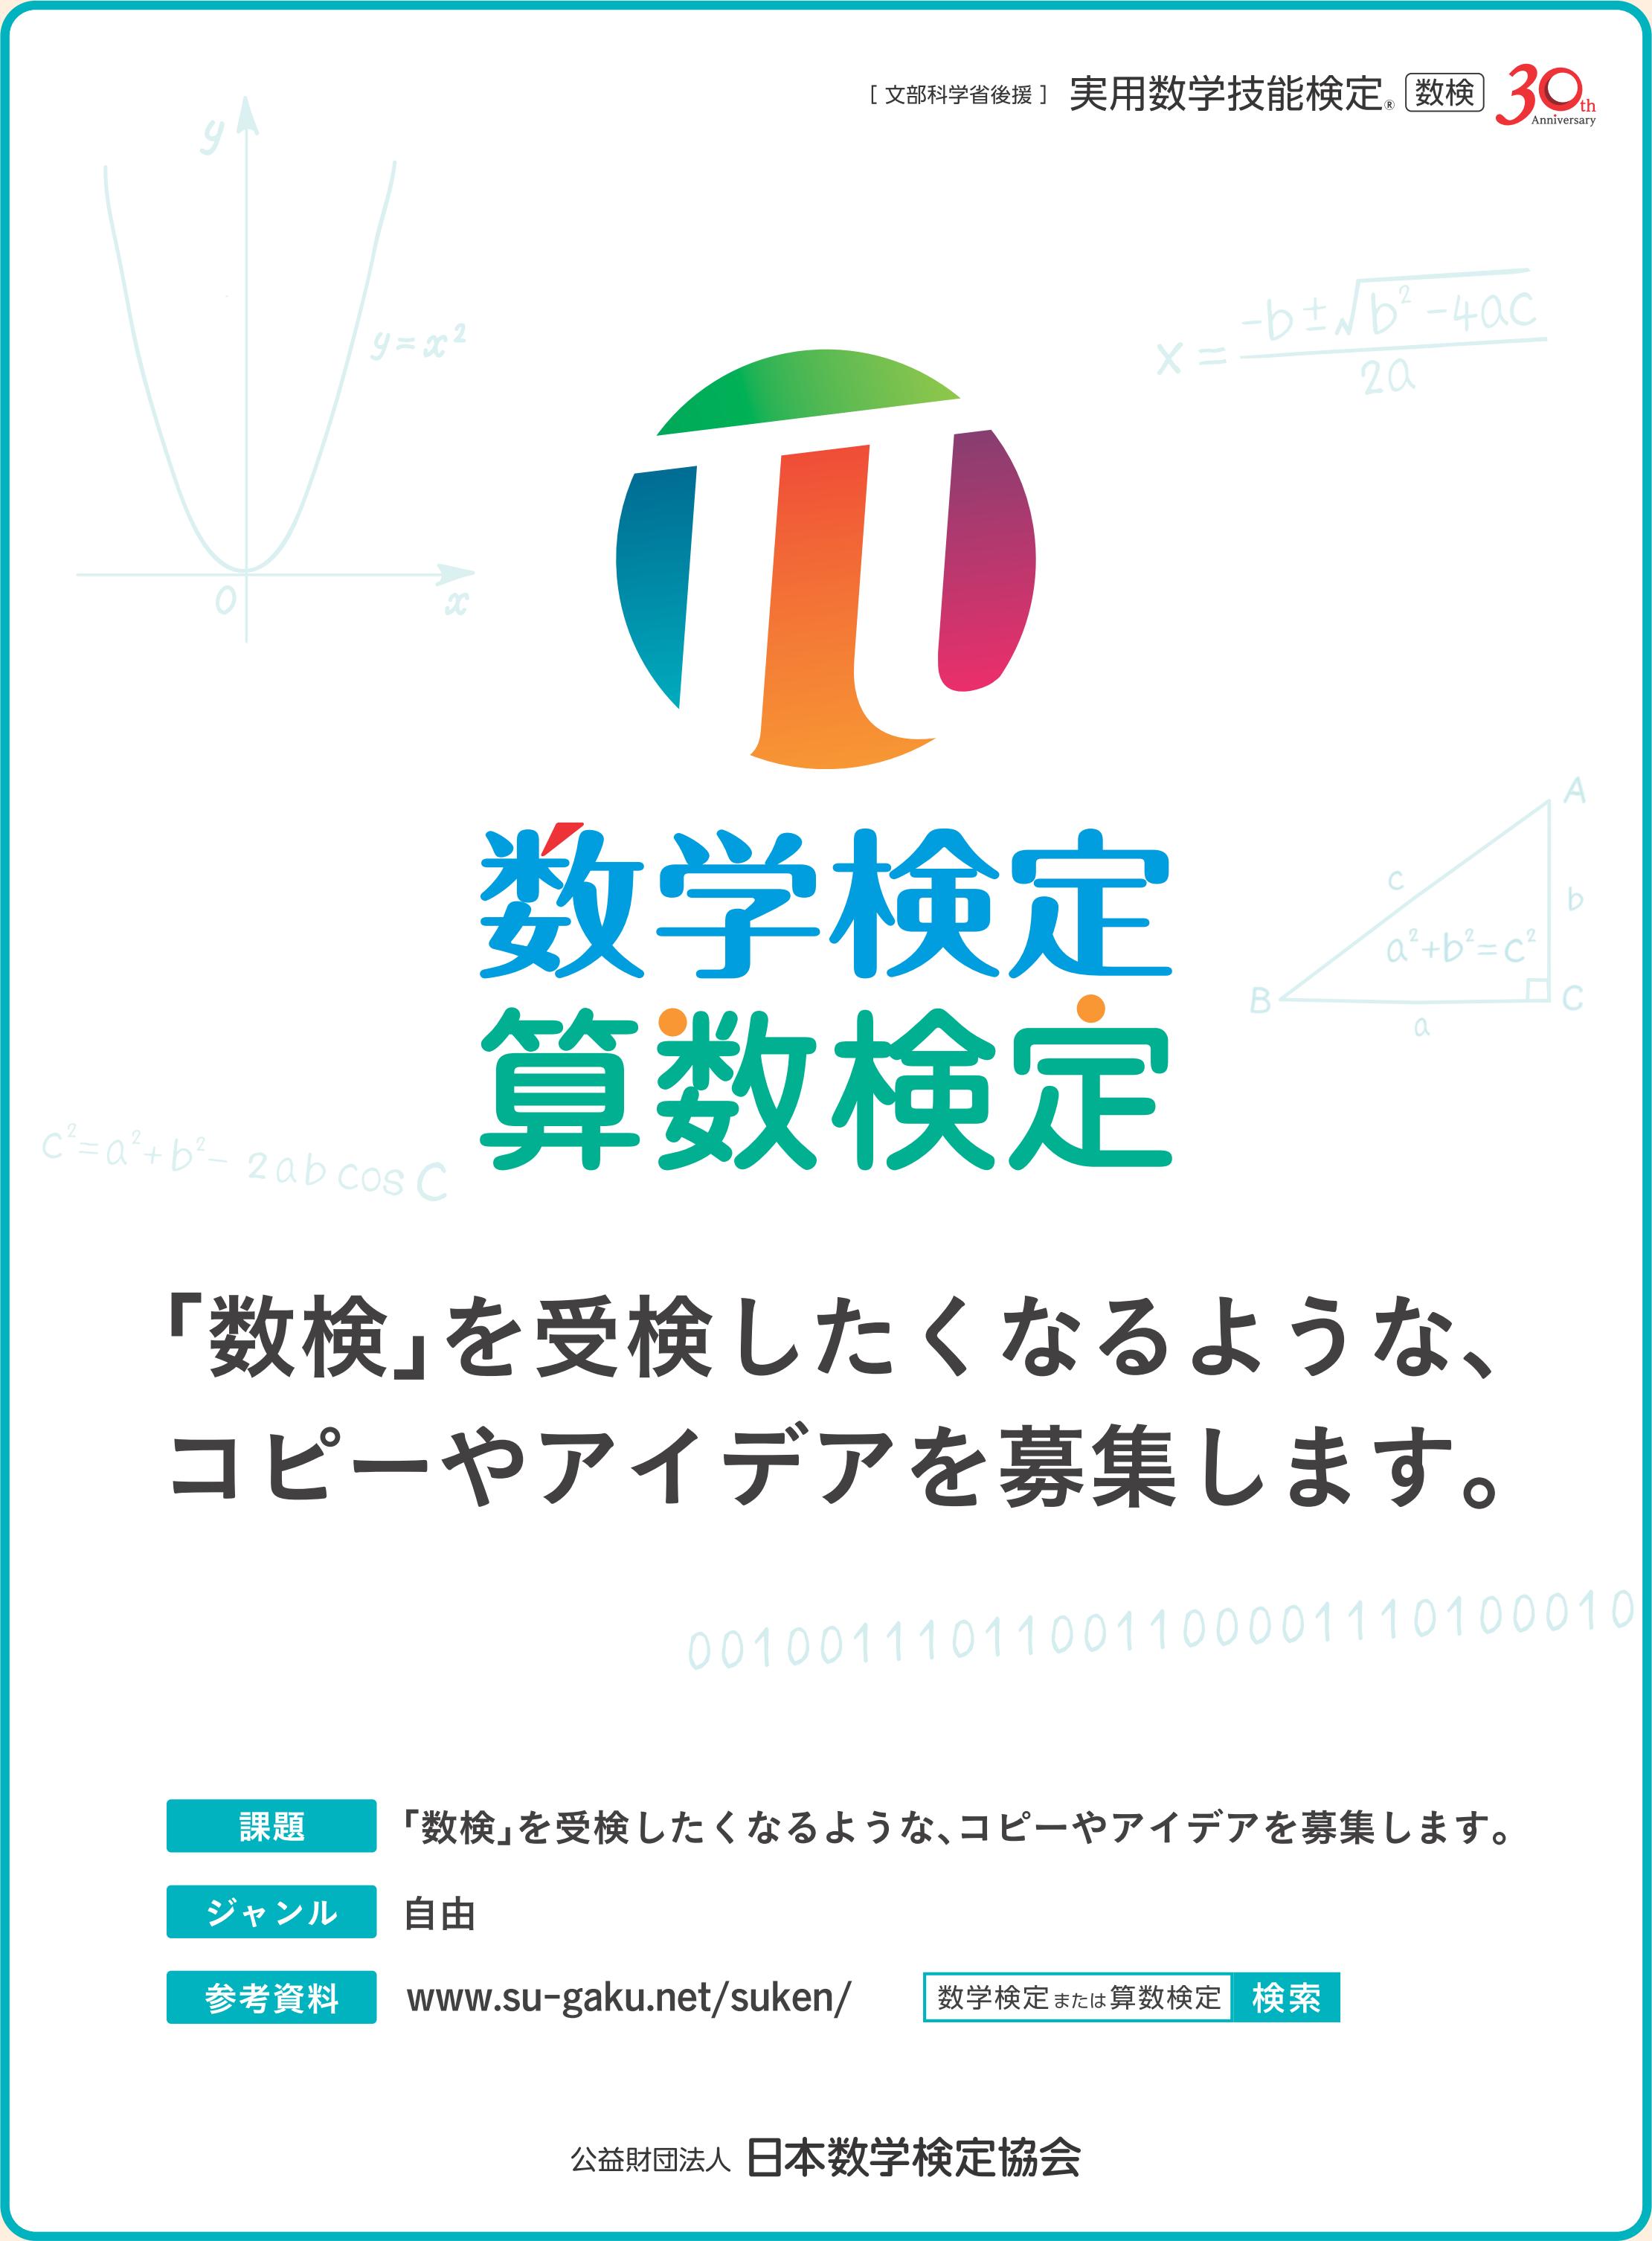 39.日本数学検定協会